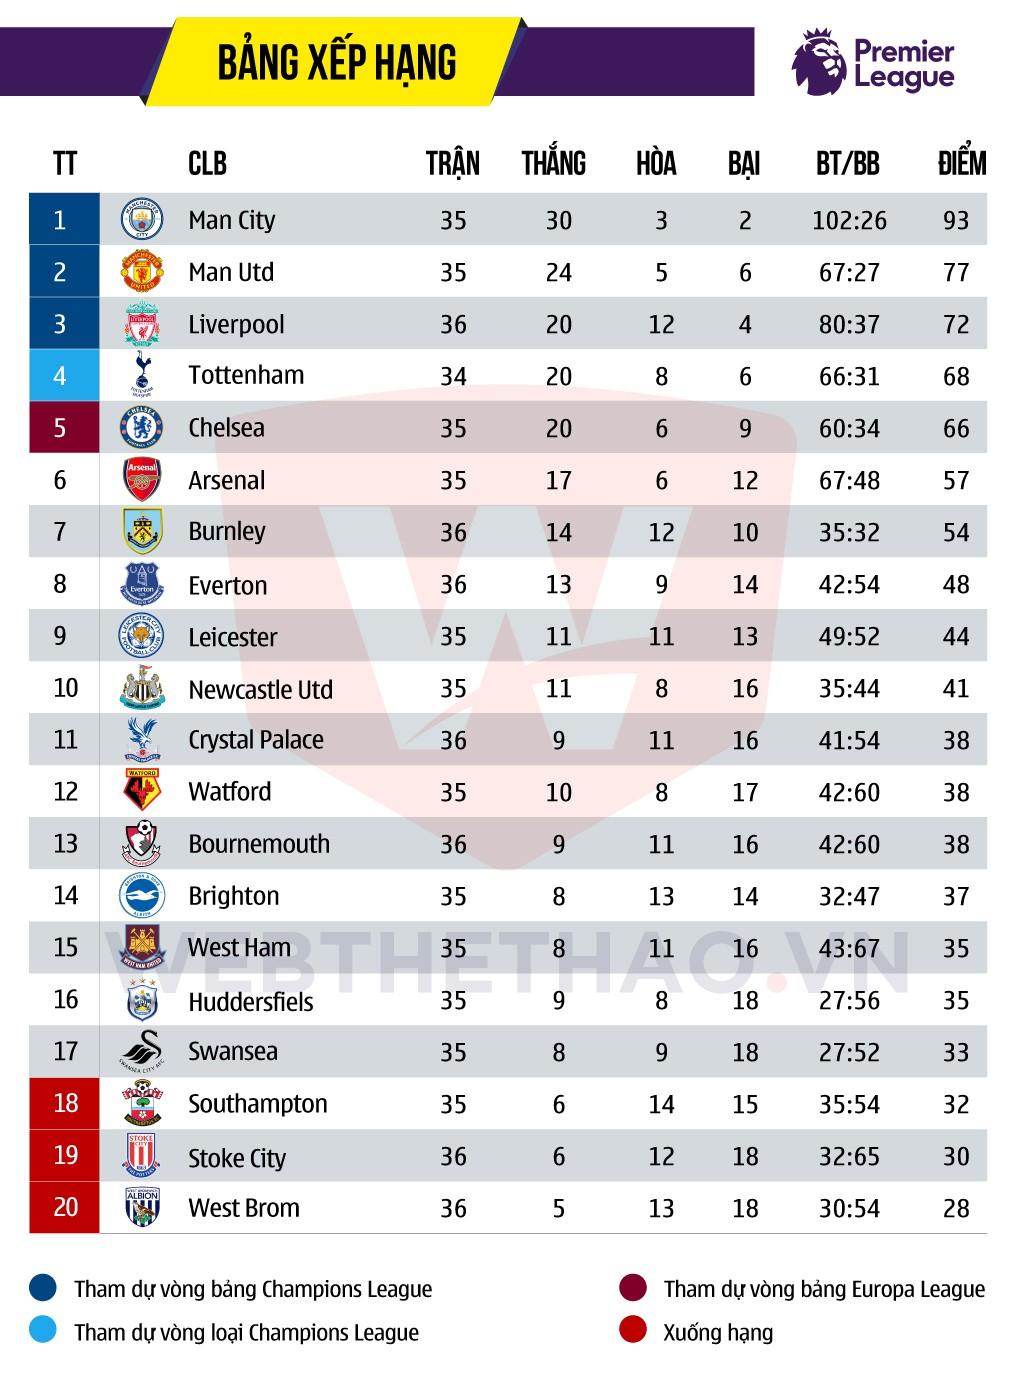 BXH Premier League 2017/18